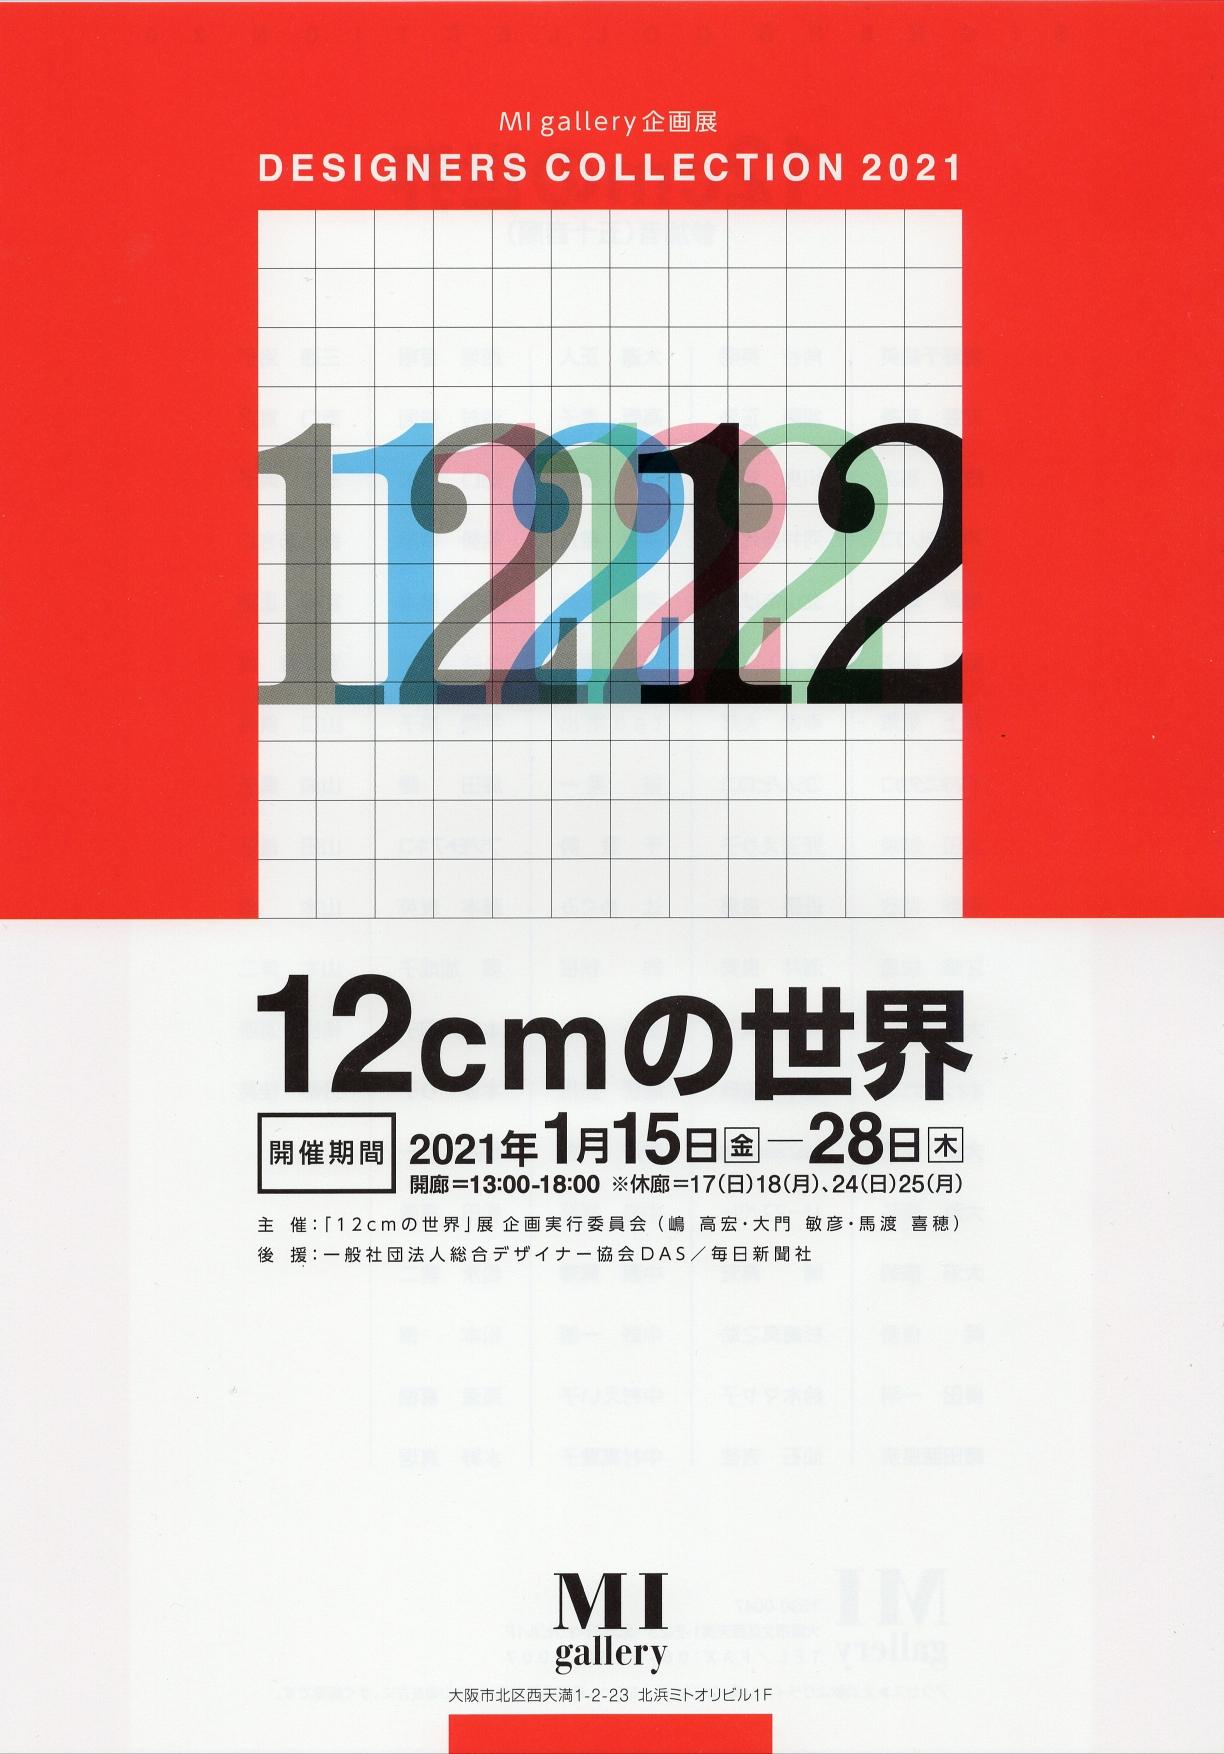 """2021. 1. 15- 28 """"Exhibition""""「12cmの世界」展 (日•月曜休廊)*会場: MI Gallery"""